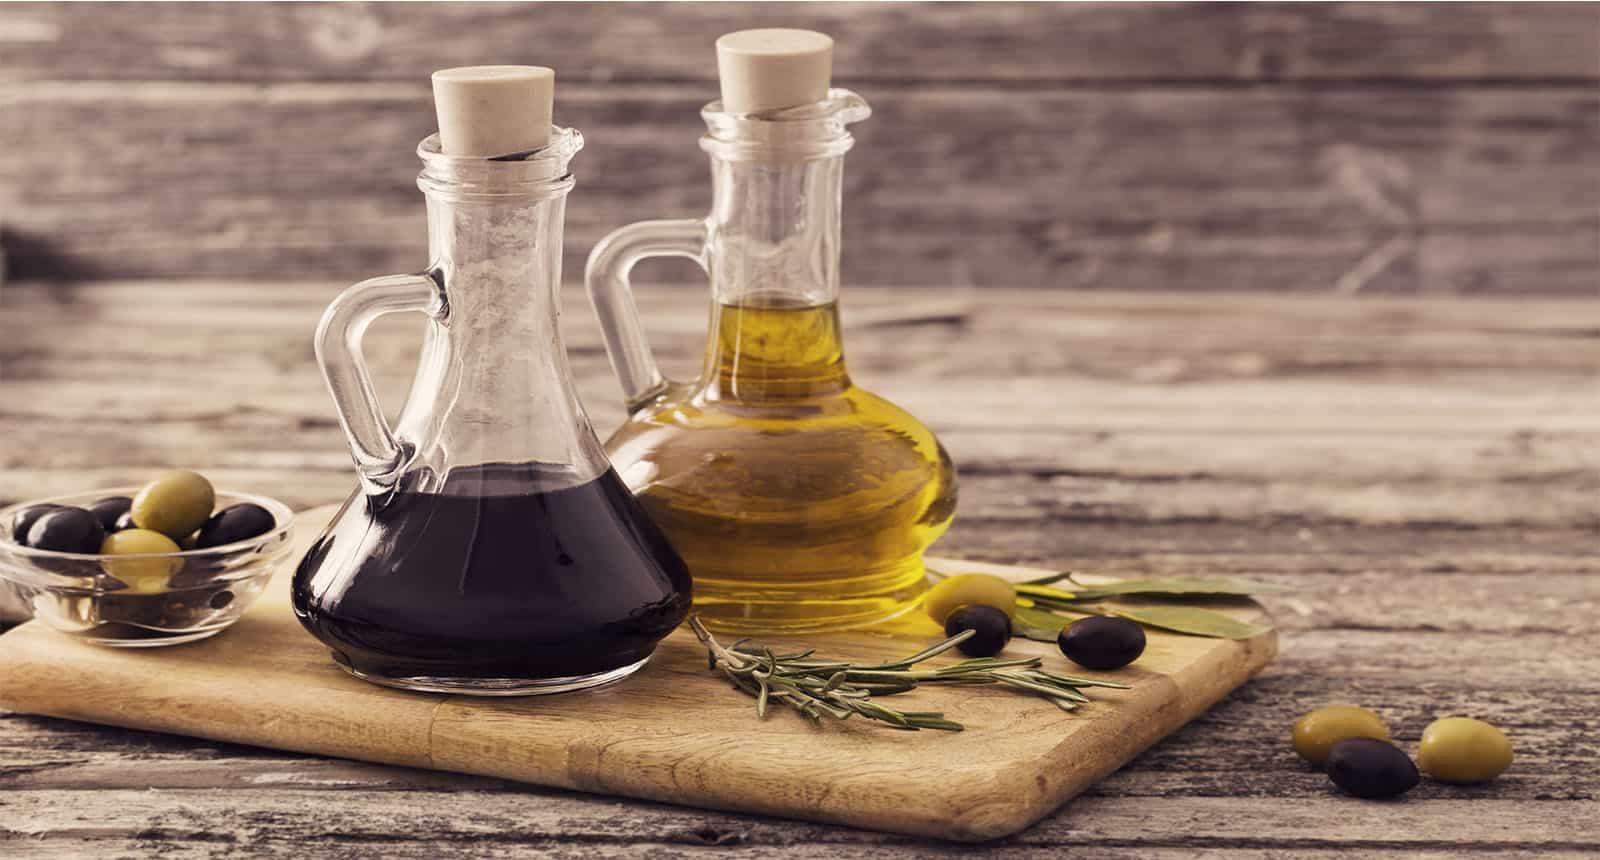 Balsamic Vinegar Substitutes